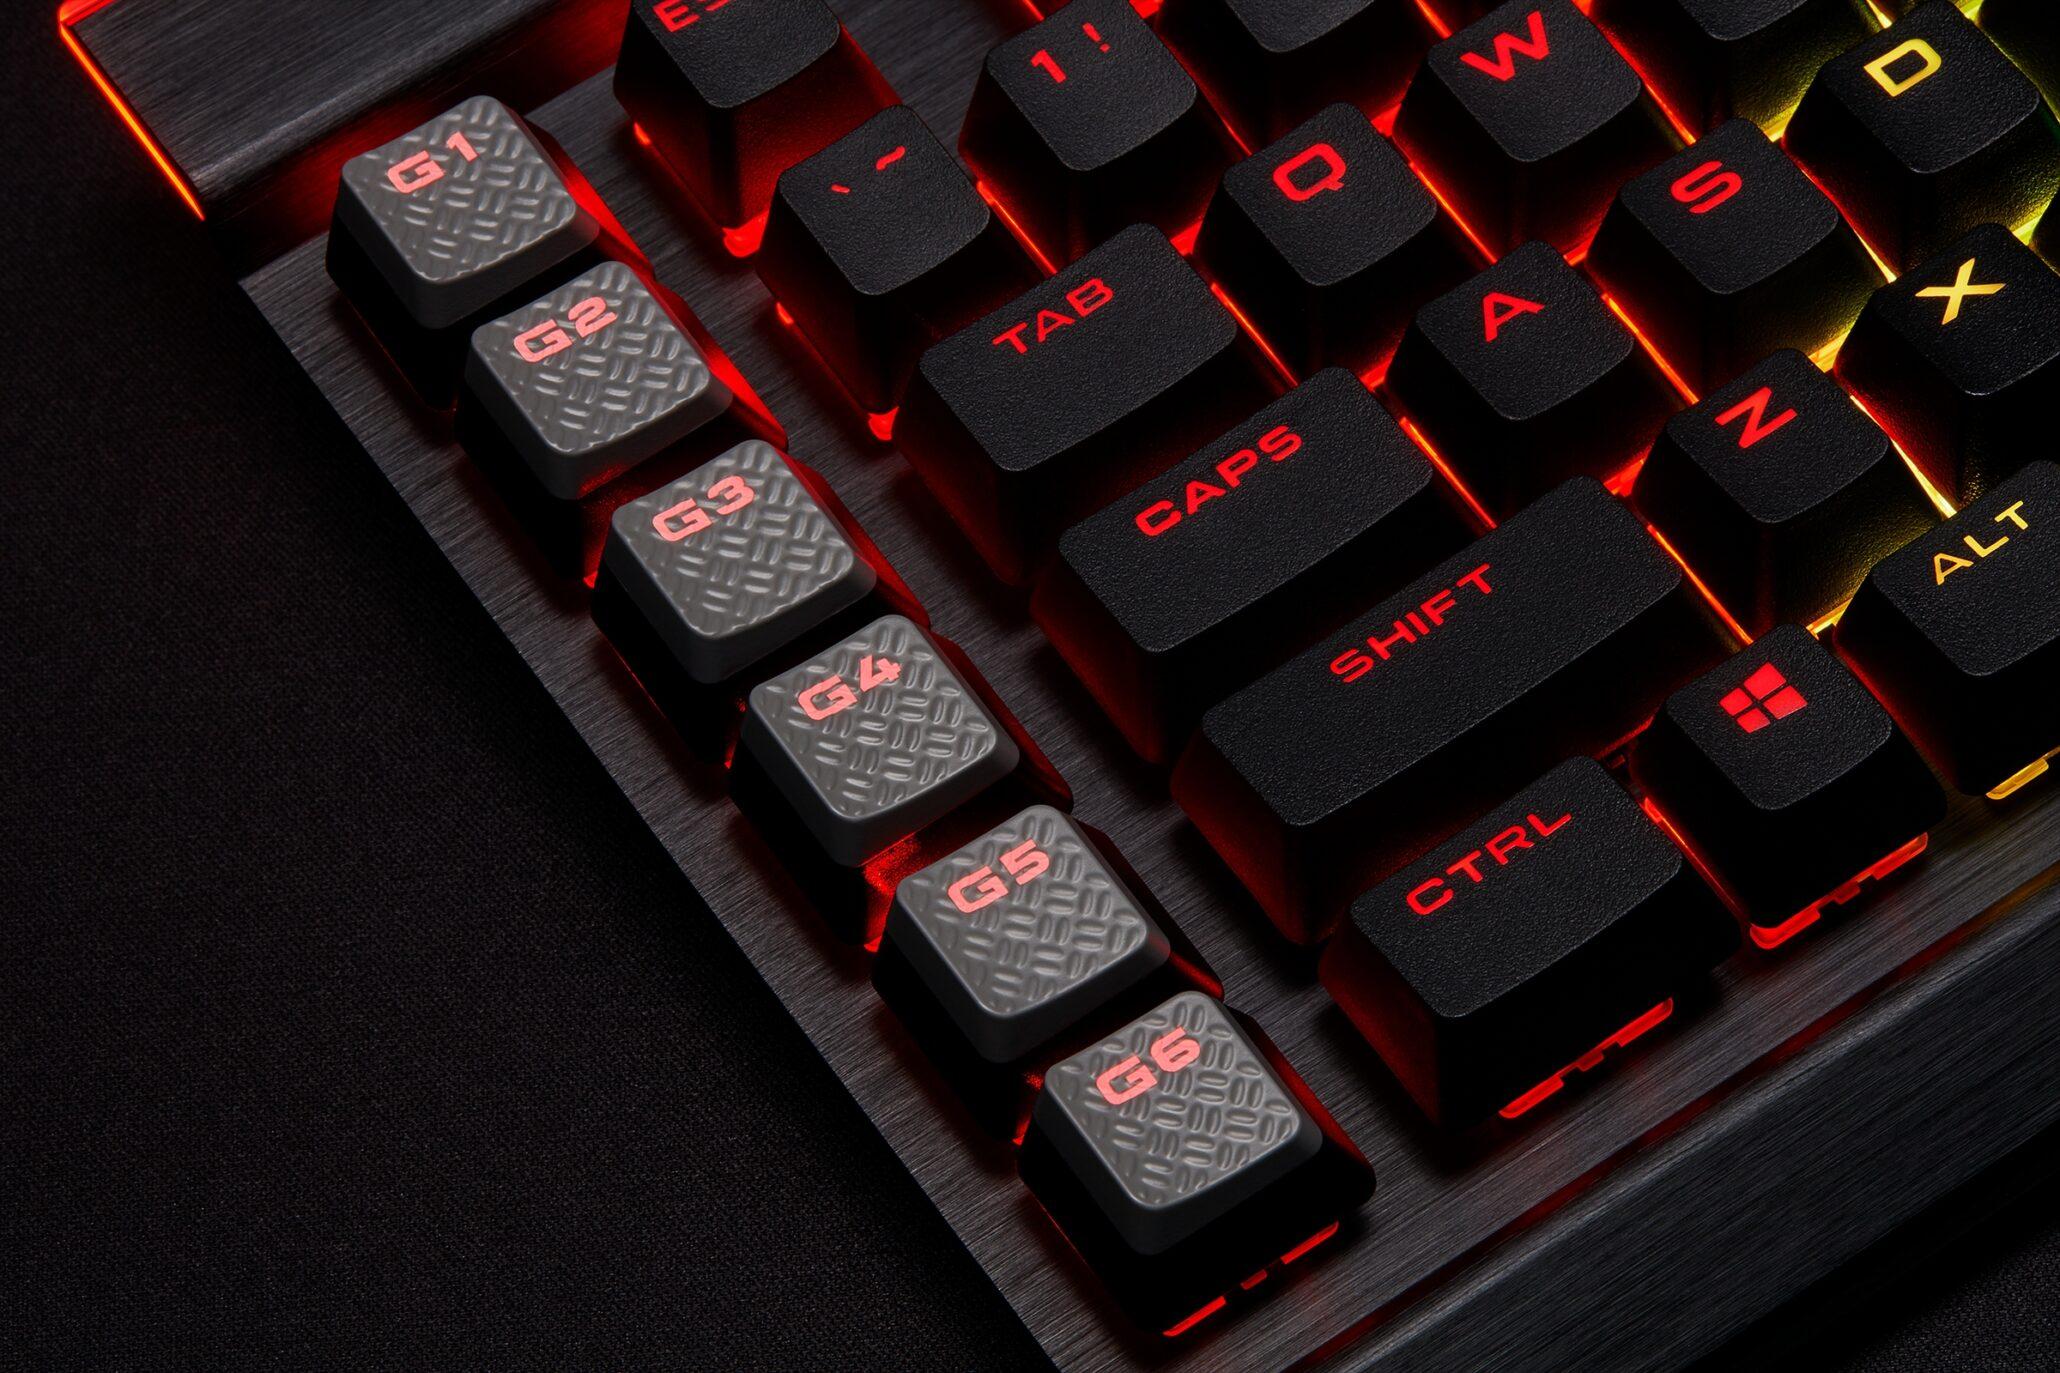 corsair-k95-rgb-platinum-xt-03-part-4-g-keys